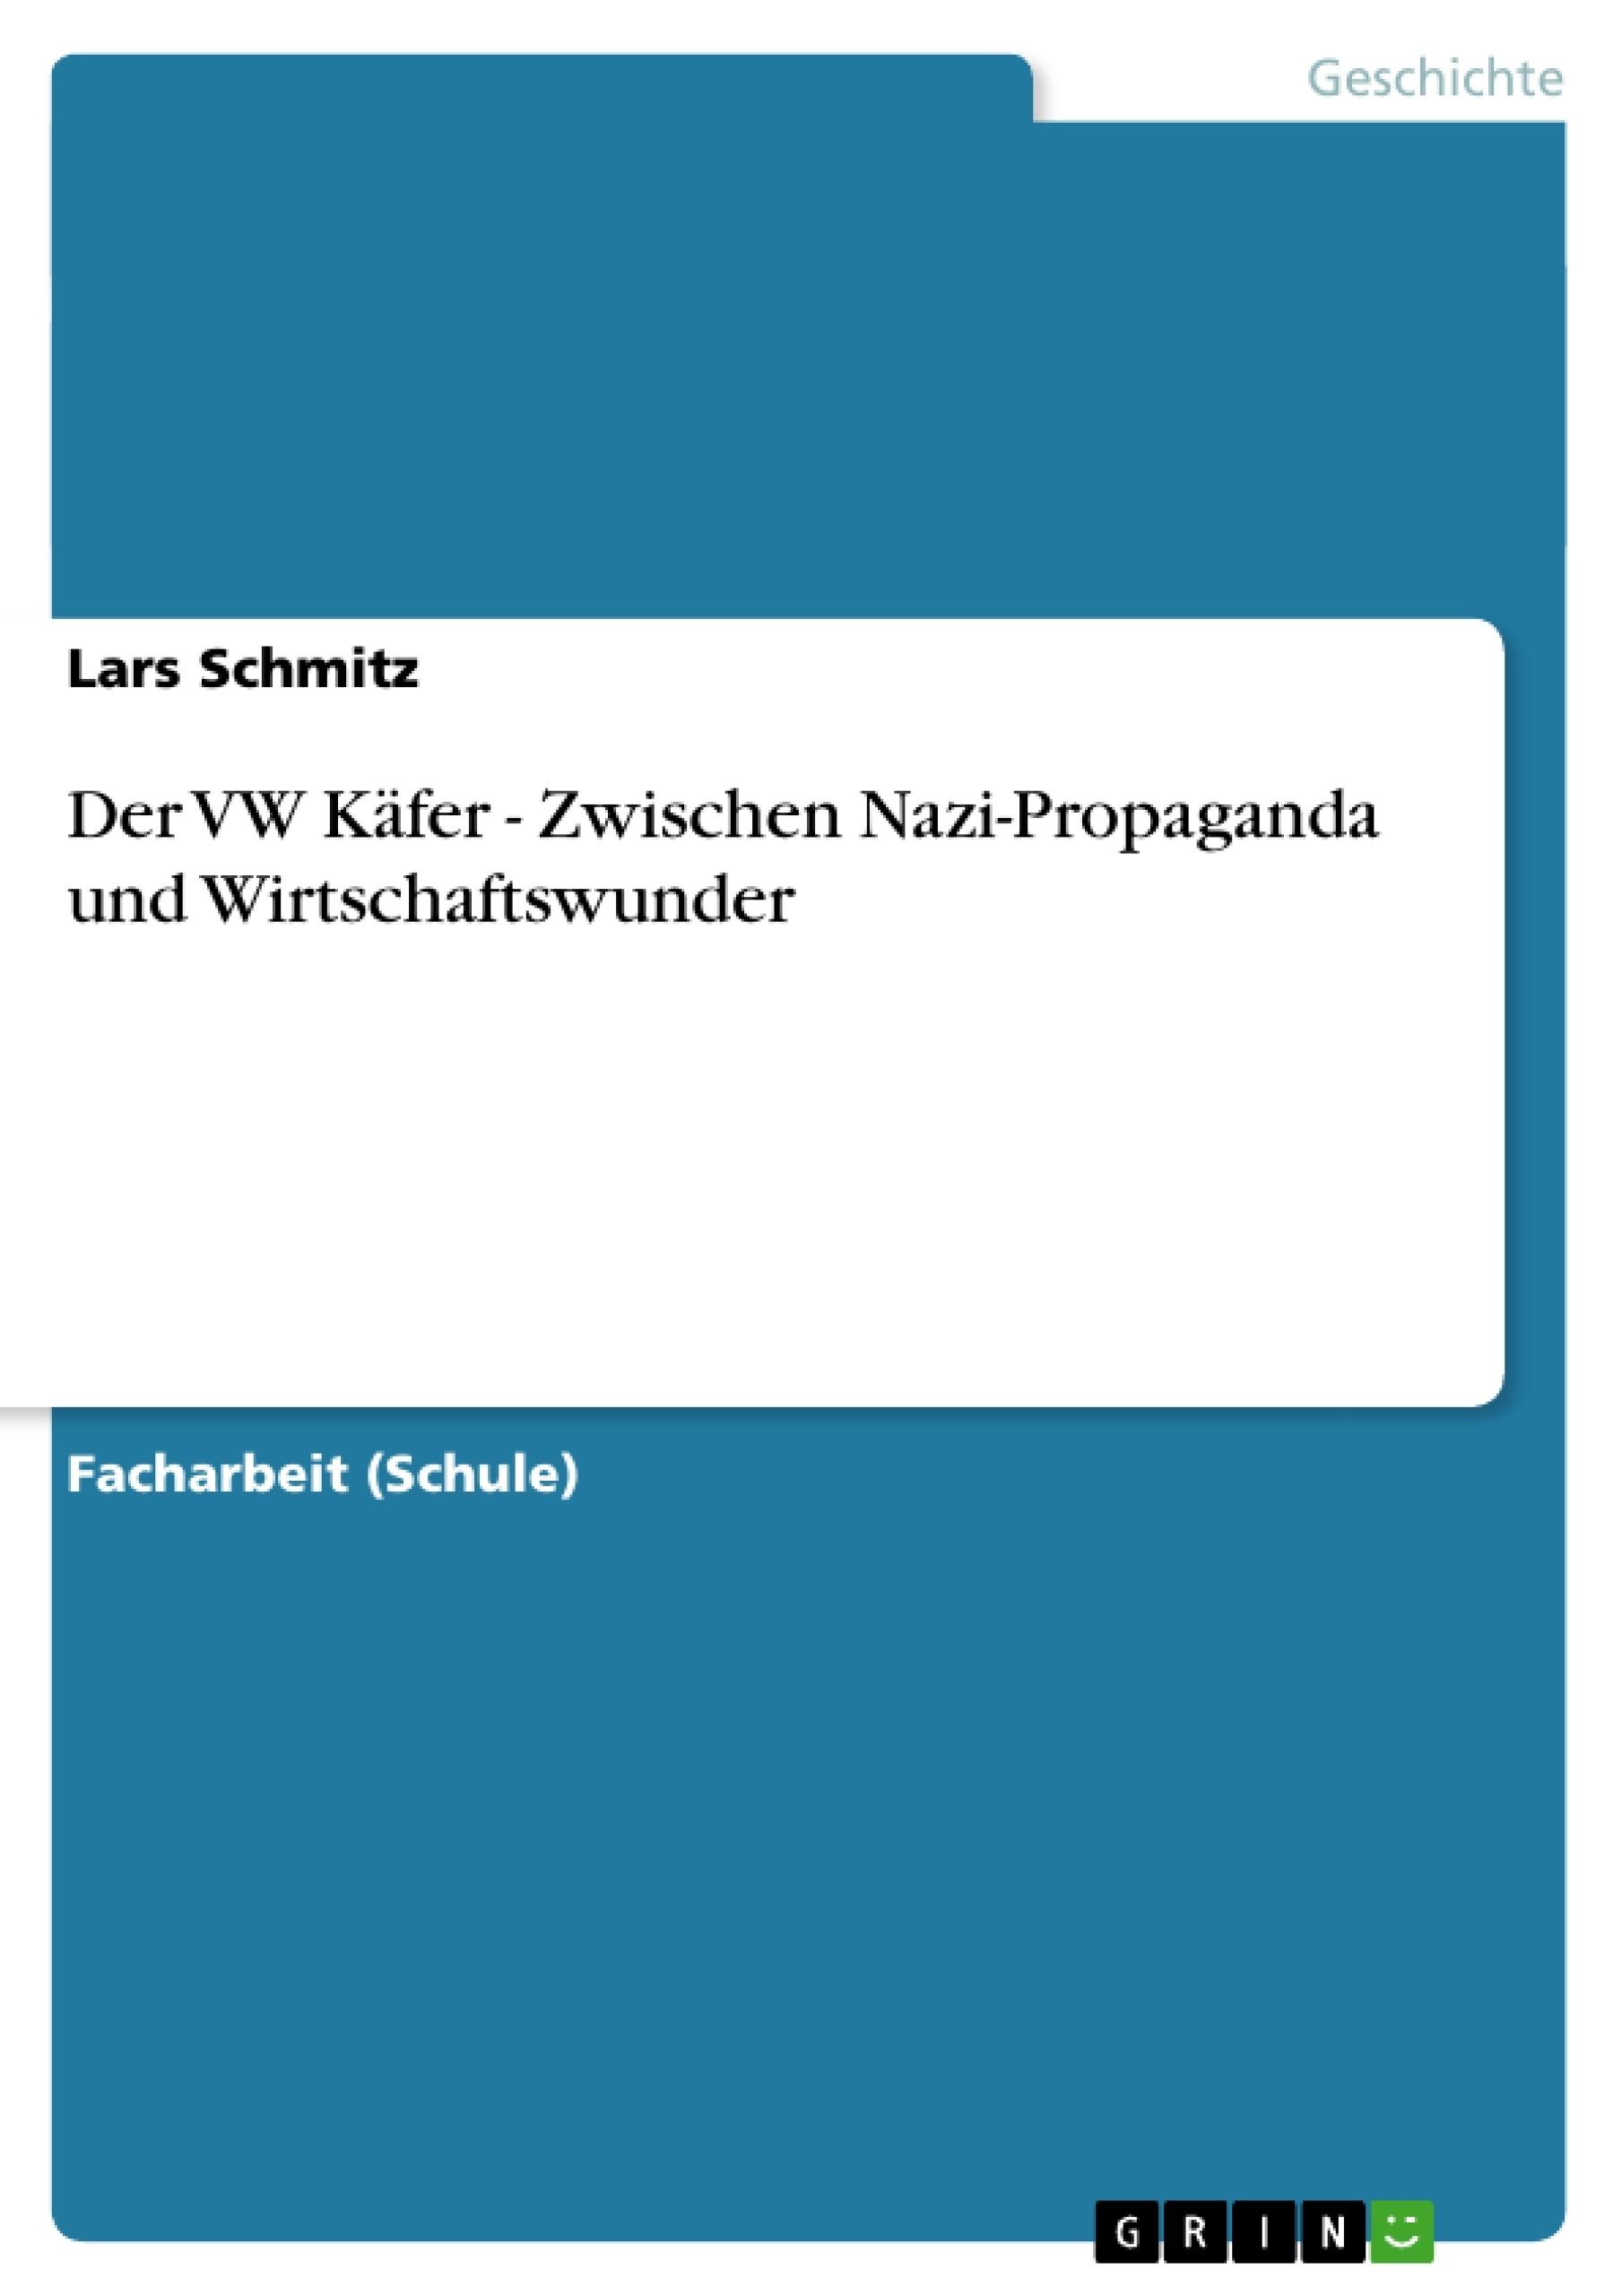 Titel: Der VW Käfer - Zwischen Nazi-Propaganda und Wirtschaftswunder